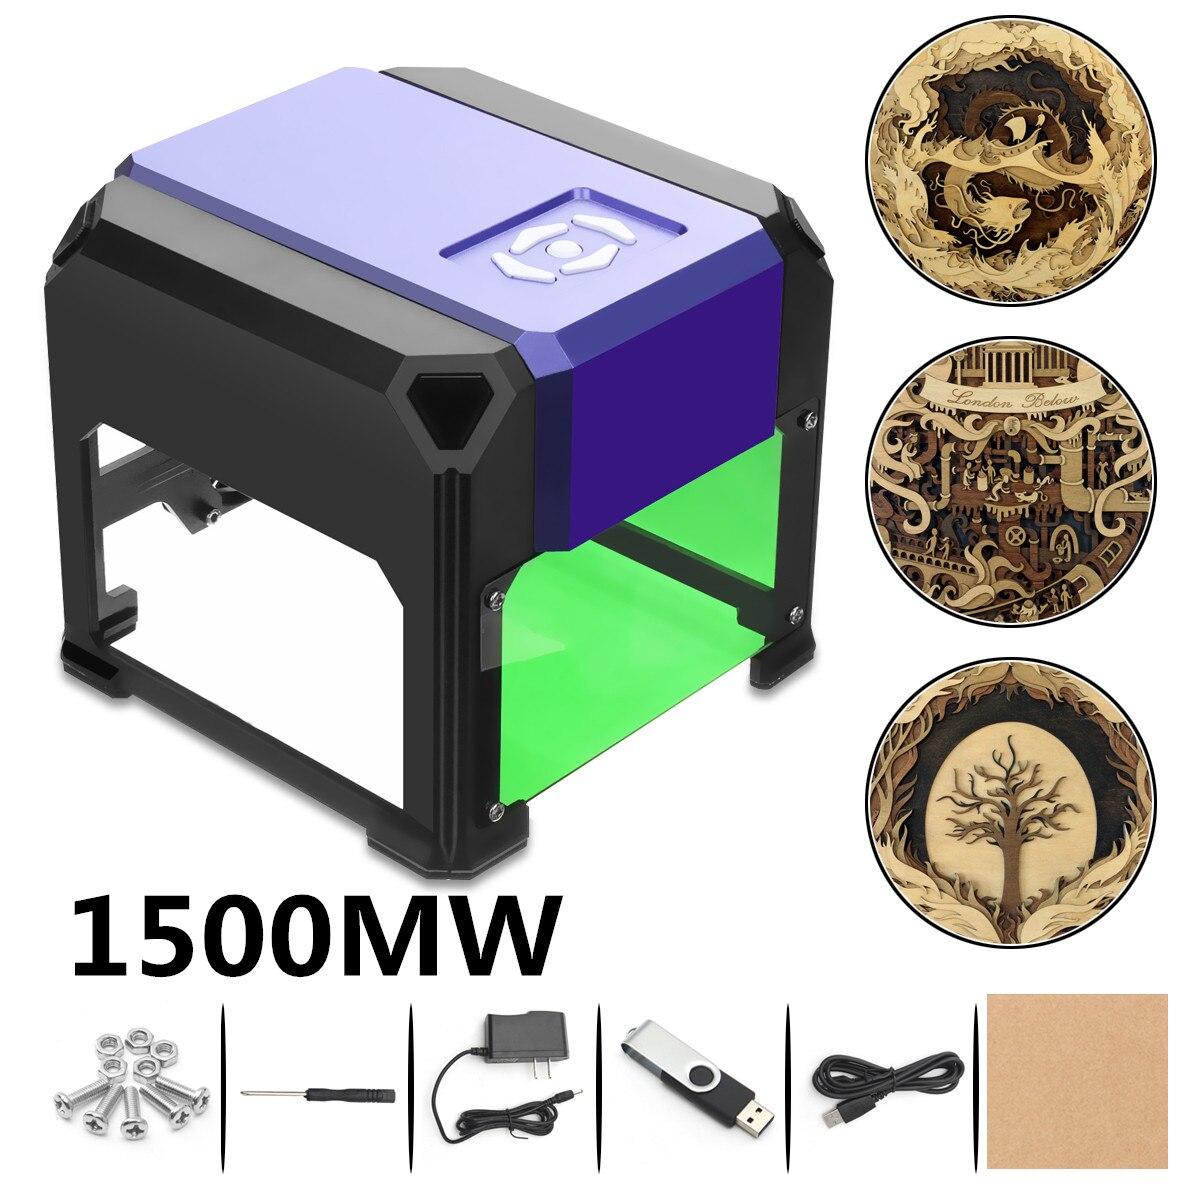 1000 mw/1500 mw USB Desktop Laser Gravur Maschine Drucker Cutter DIY Logo Kennzeichnung Mini CNC Gravur Carving 80 x 80mm für Windows